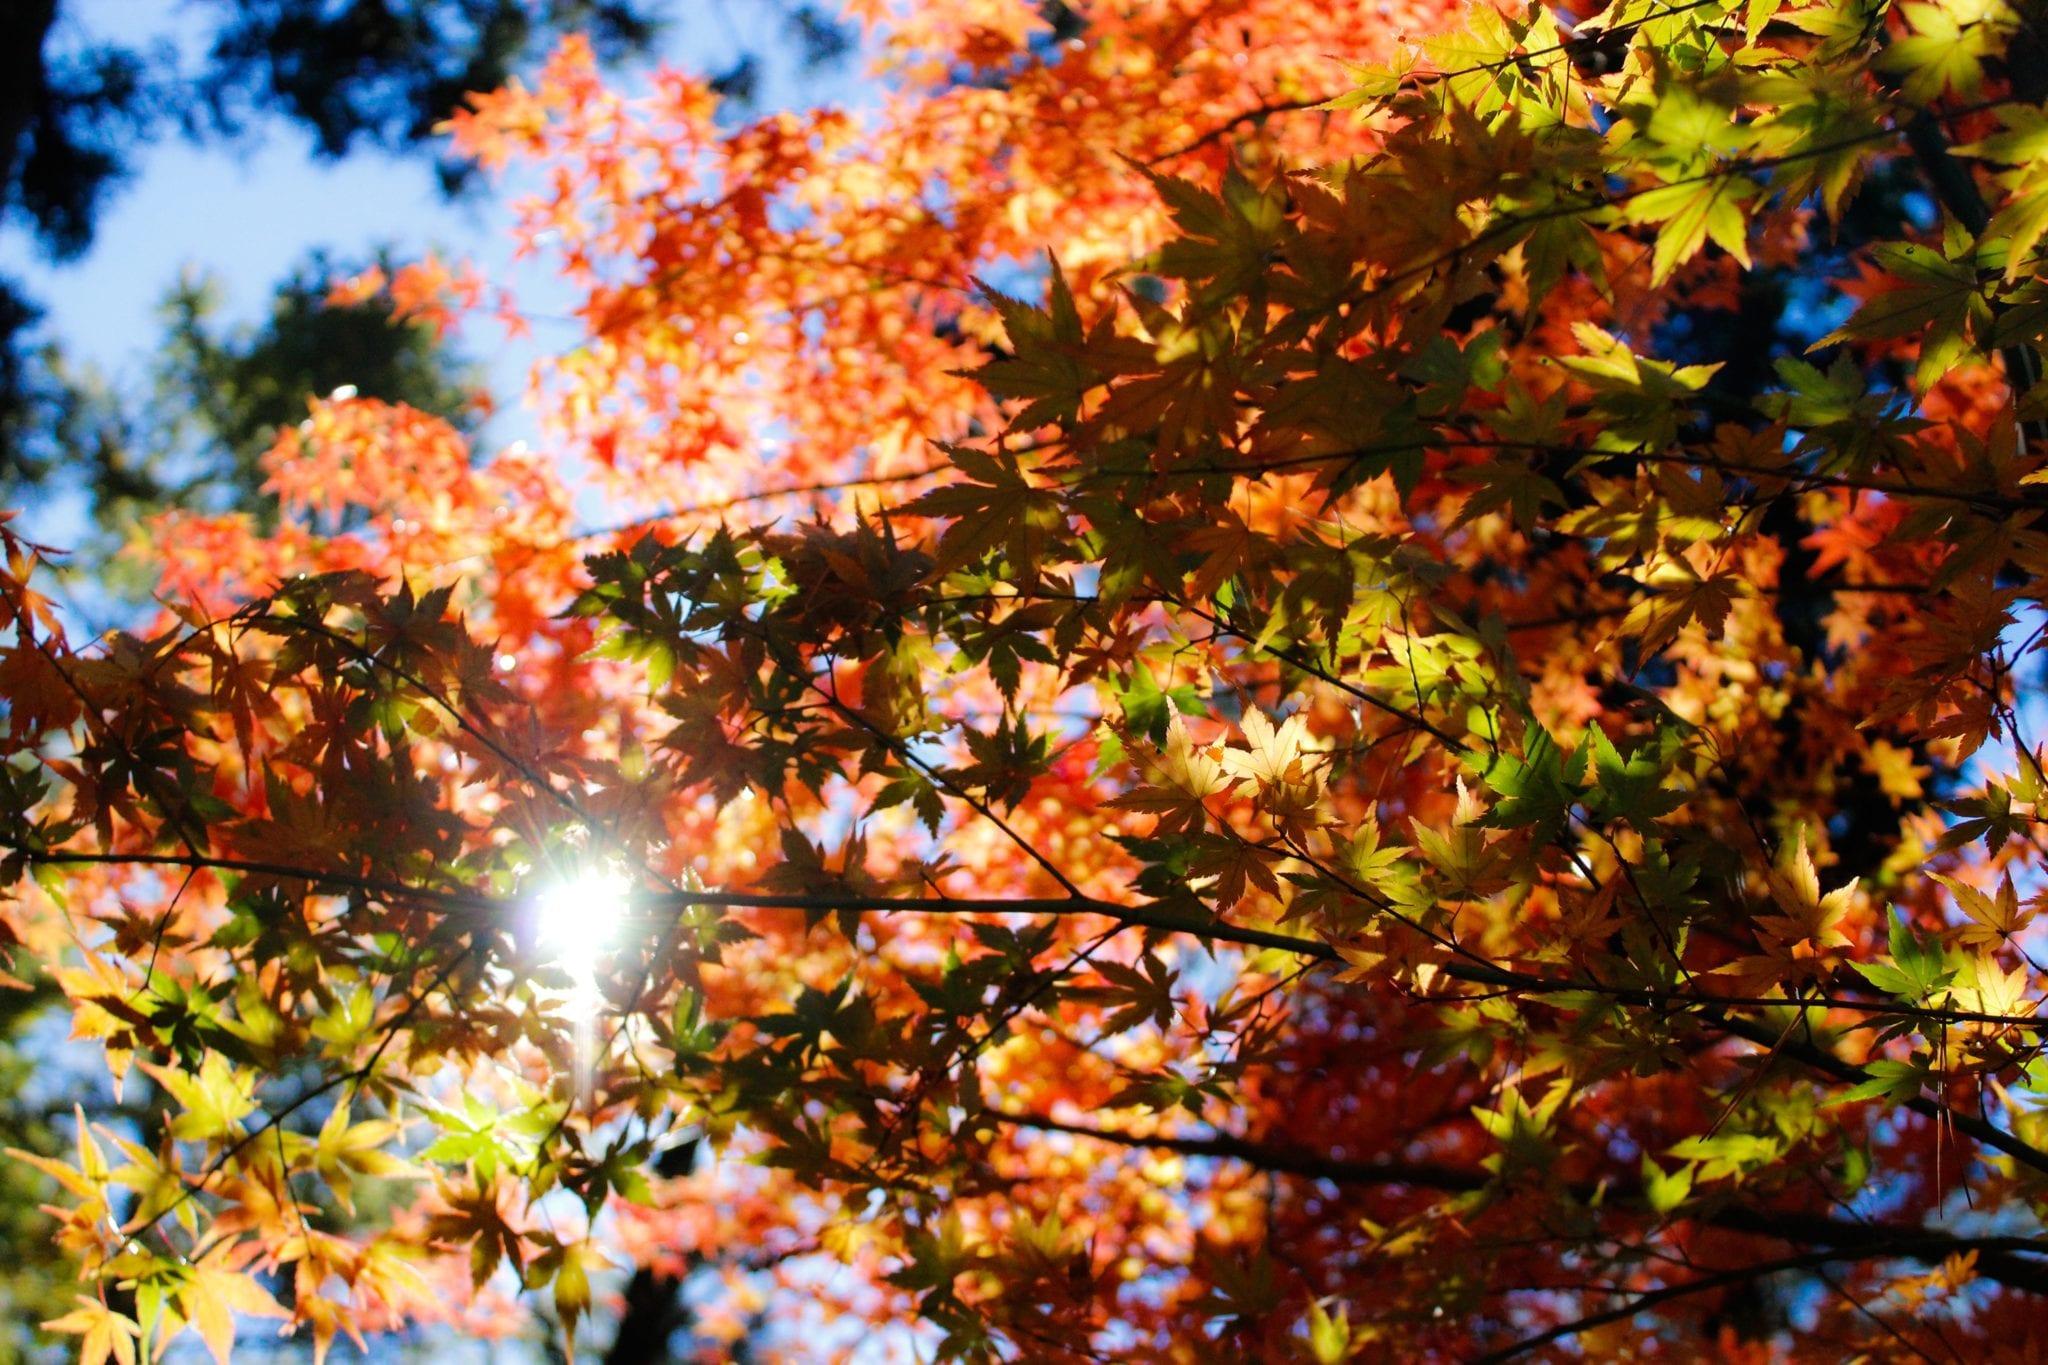 ใบไม้เปลี่ยนสีญี่ปุ่น เที่ยวญี่ปุ่น สถานที่ท่องเที่ยวญี่ปุ่น ที่เที่ยวญี่ปุ่น